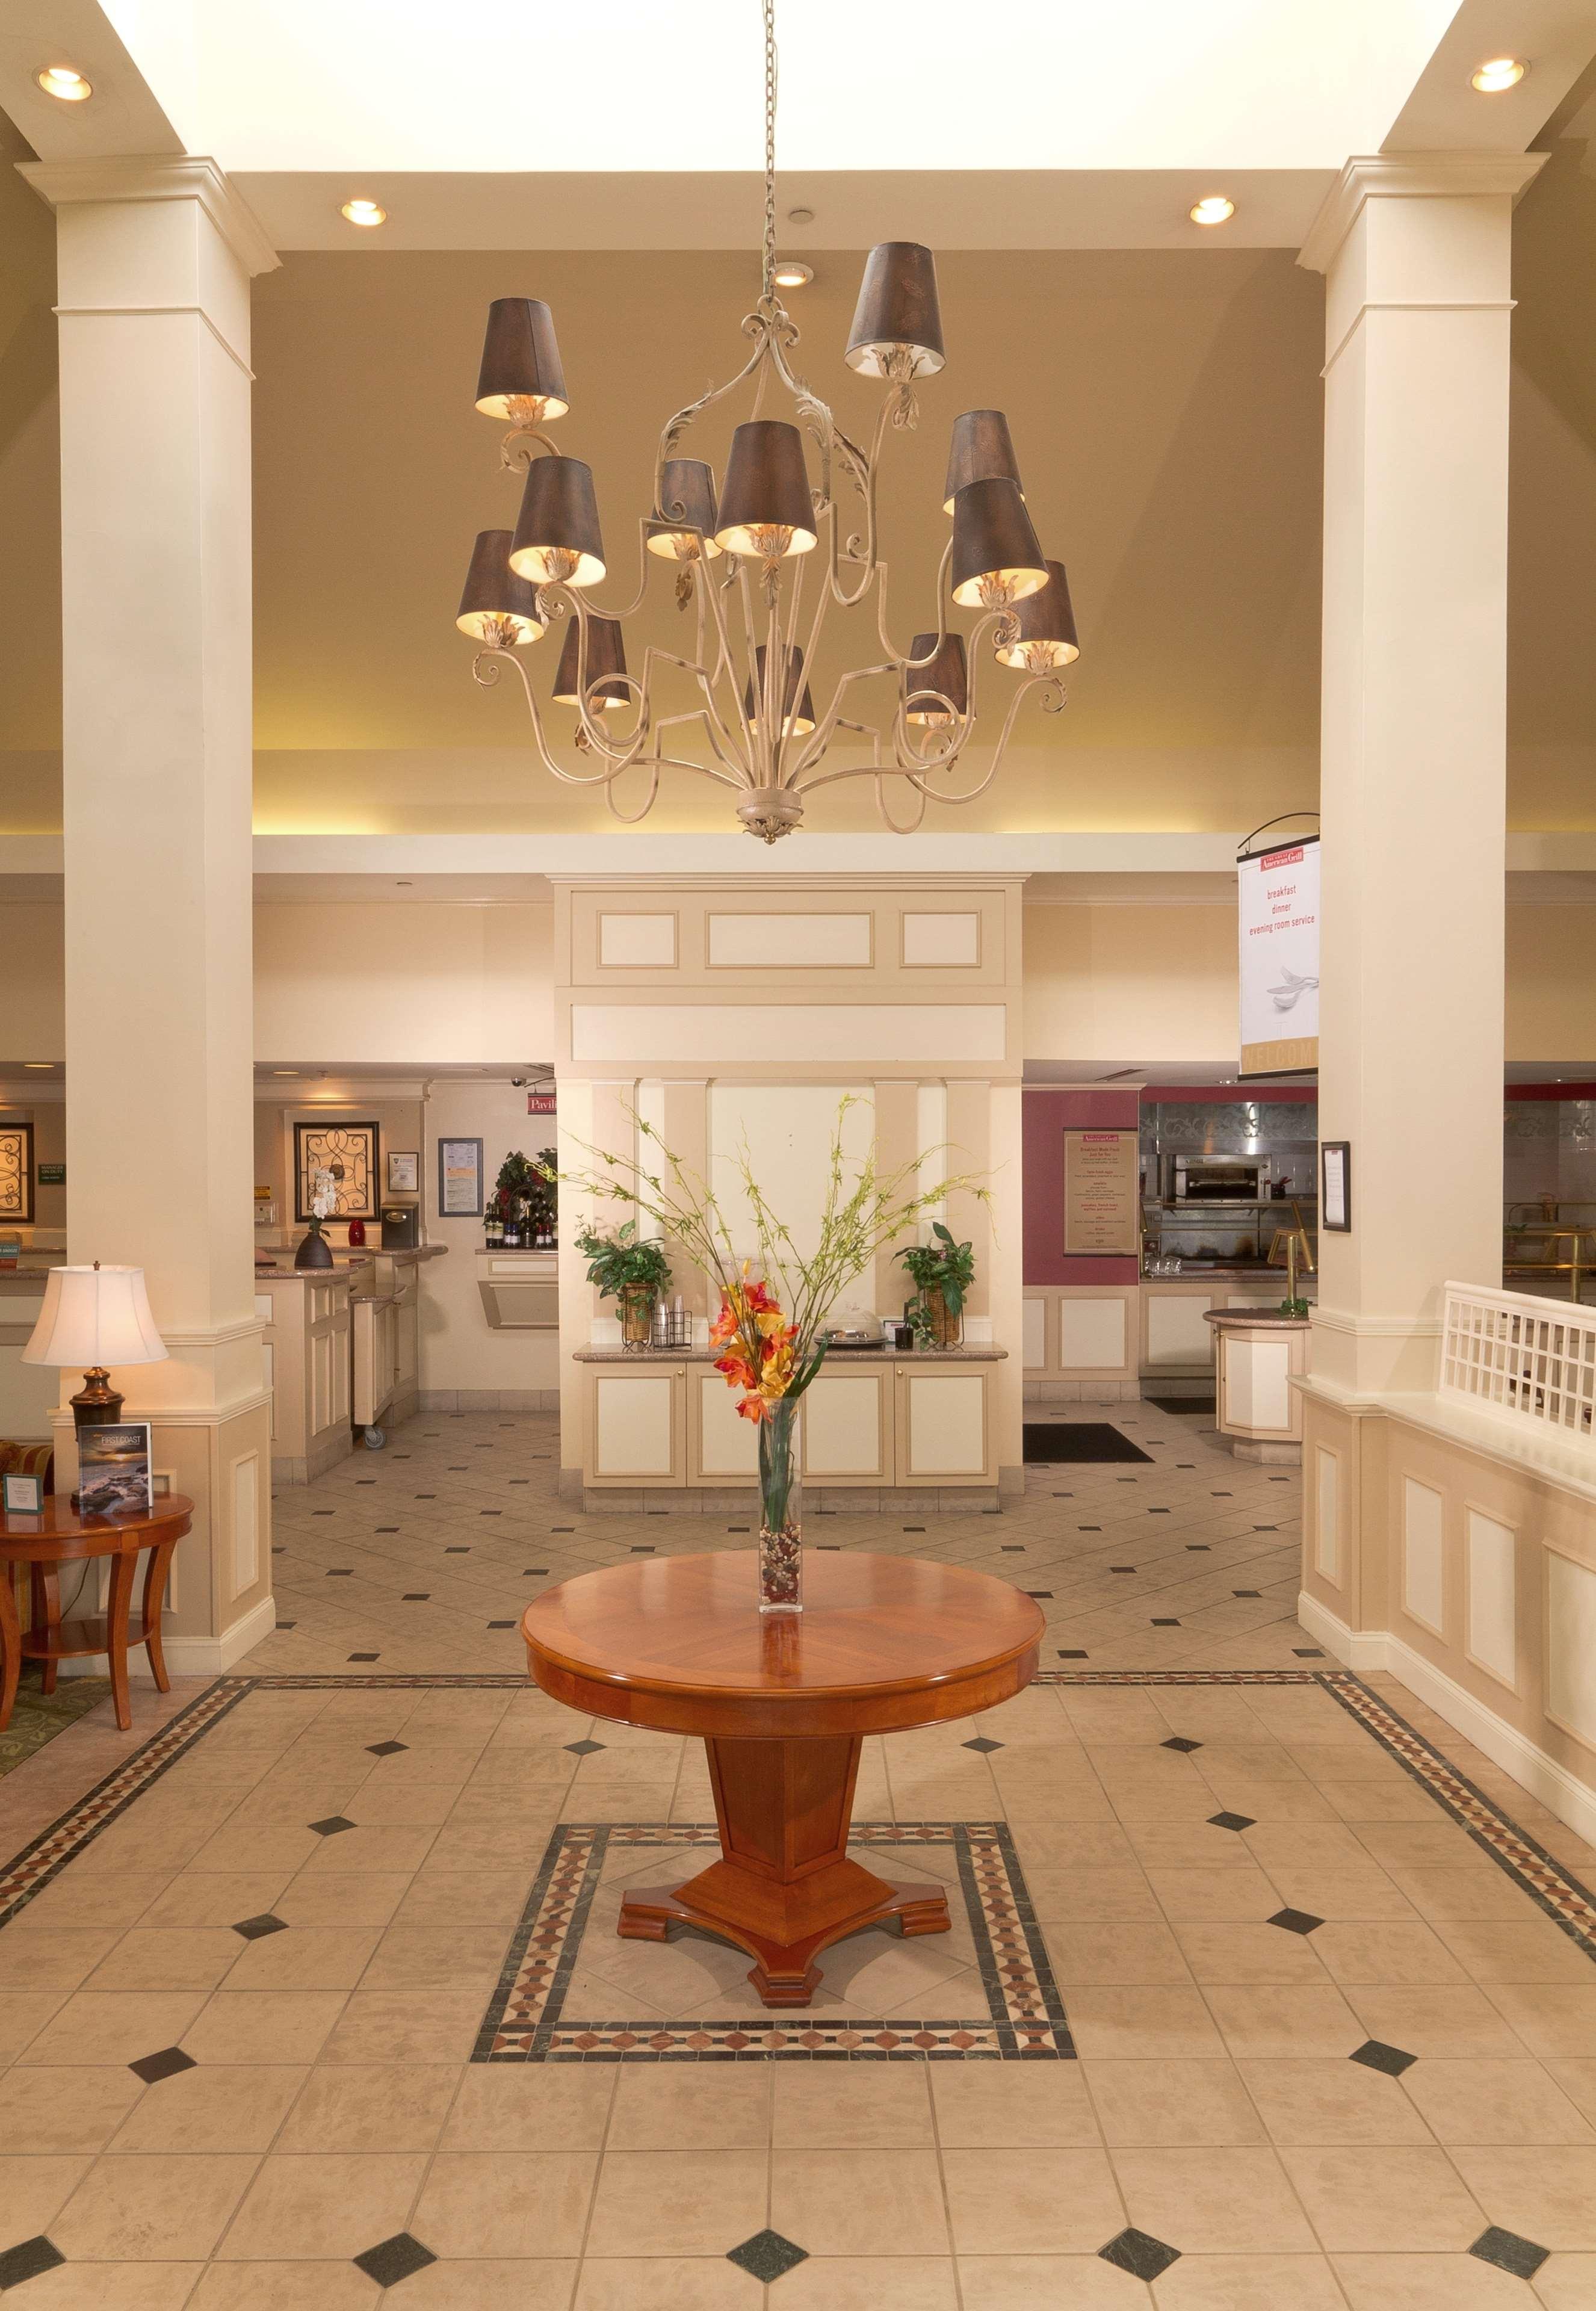 Hilton Garden Inn Jacksonville Airport image 3